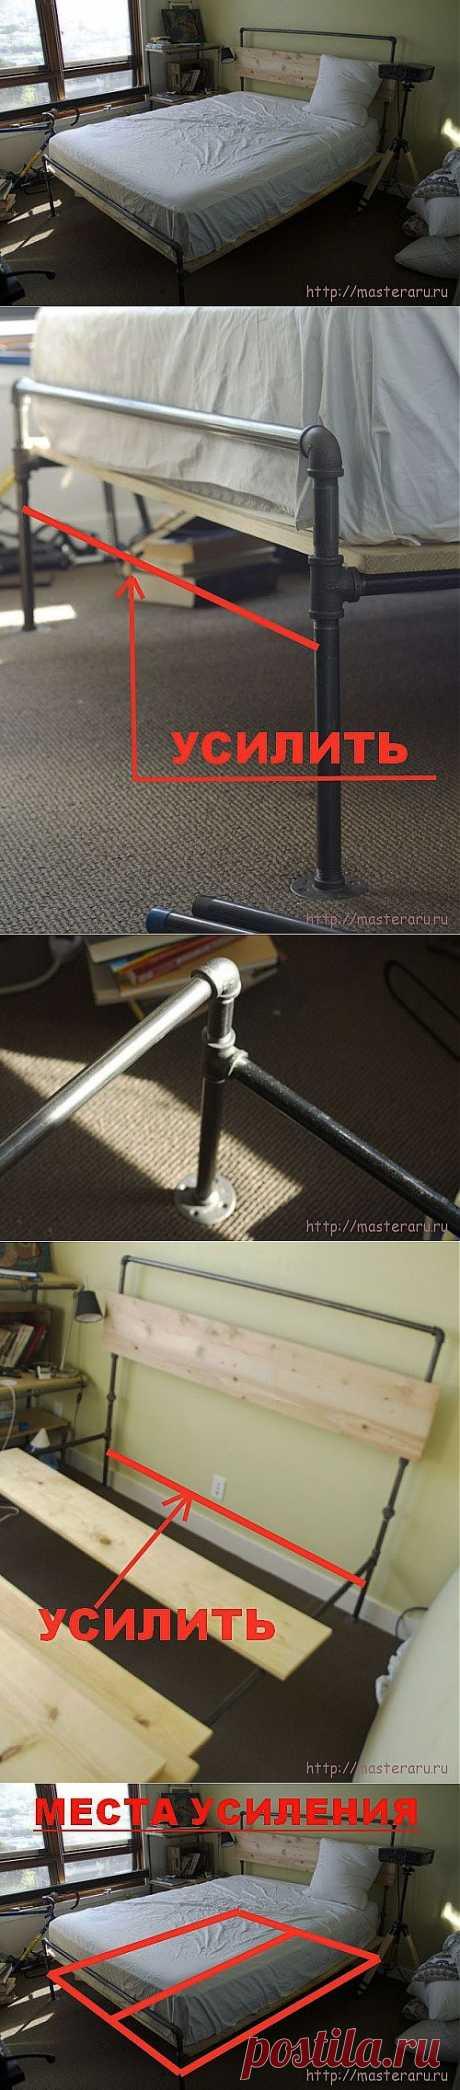 (+1) - Как сделать оригинальную кровать для дачи своими руками | Очумелые ручки